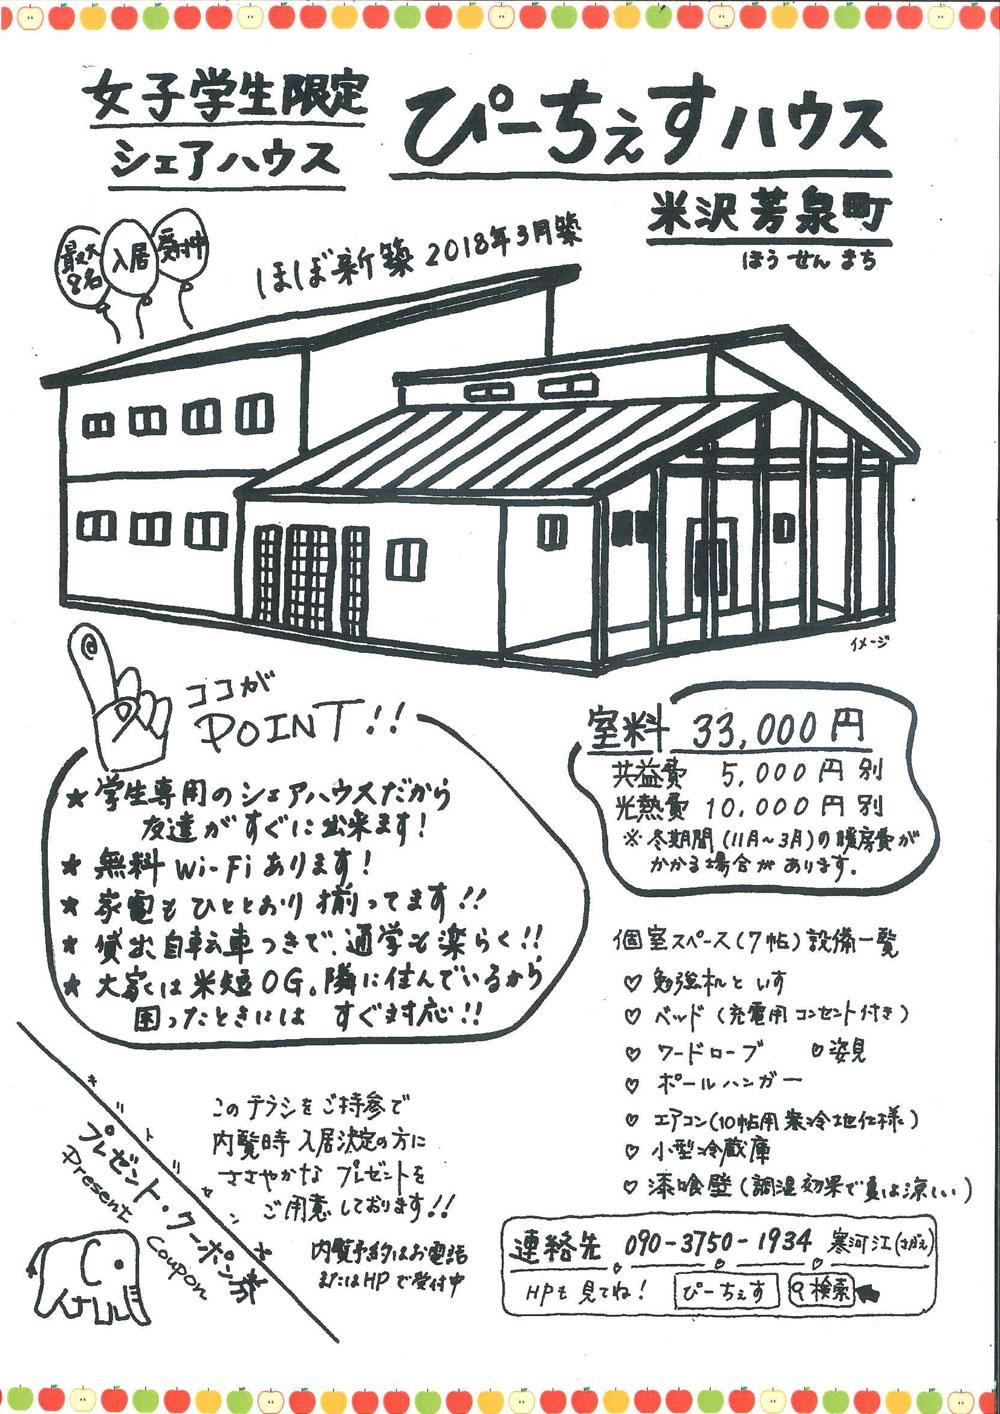 米沢女子短期大学・米沢栄養大学生 女性専用シェアハウス「ぴーちぇすハウス」チラシ表